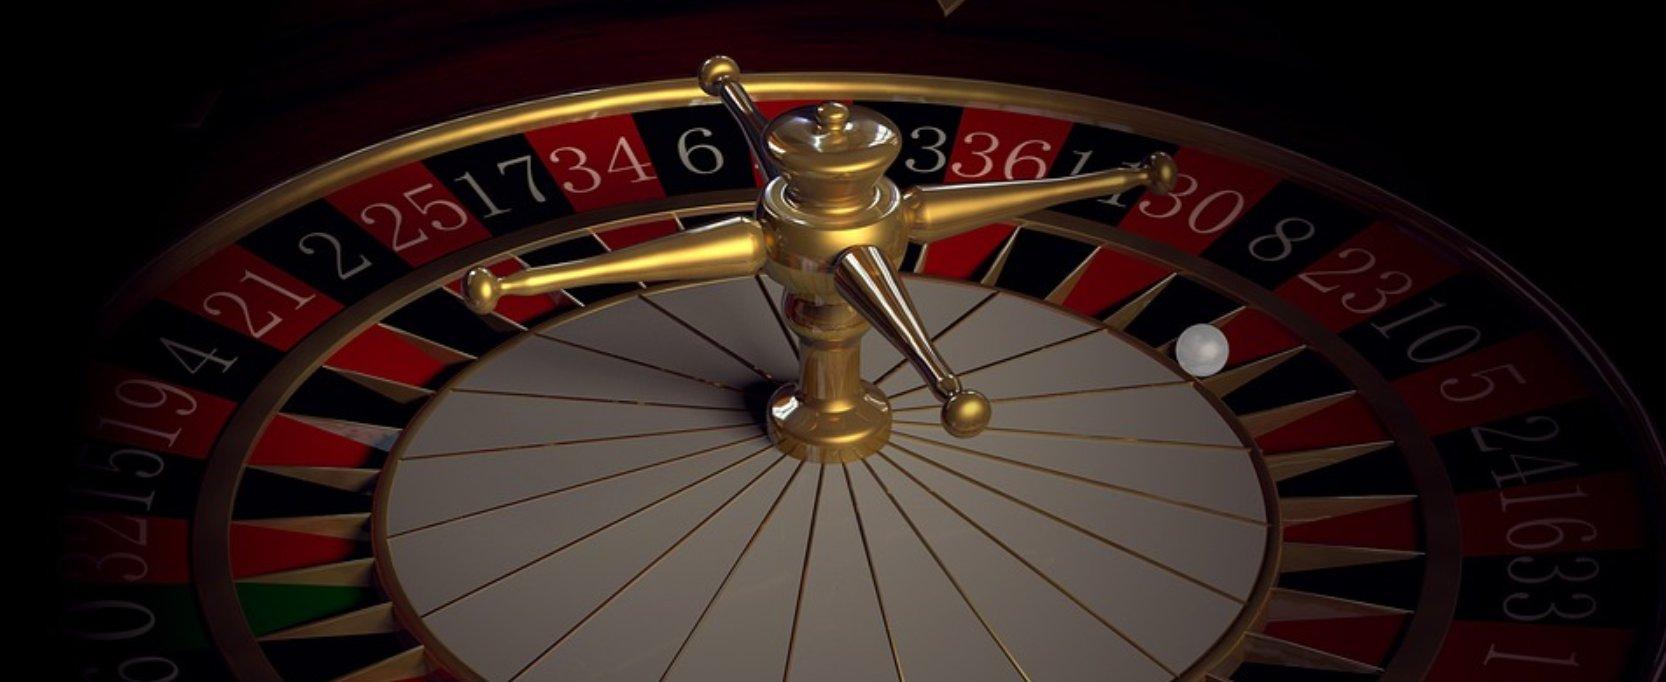 3 av de mest populære formene for casinospill i Las Vegas